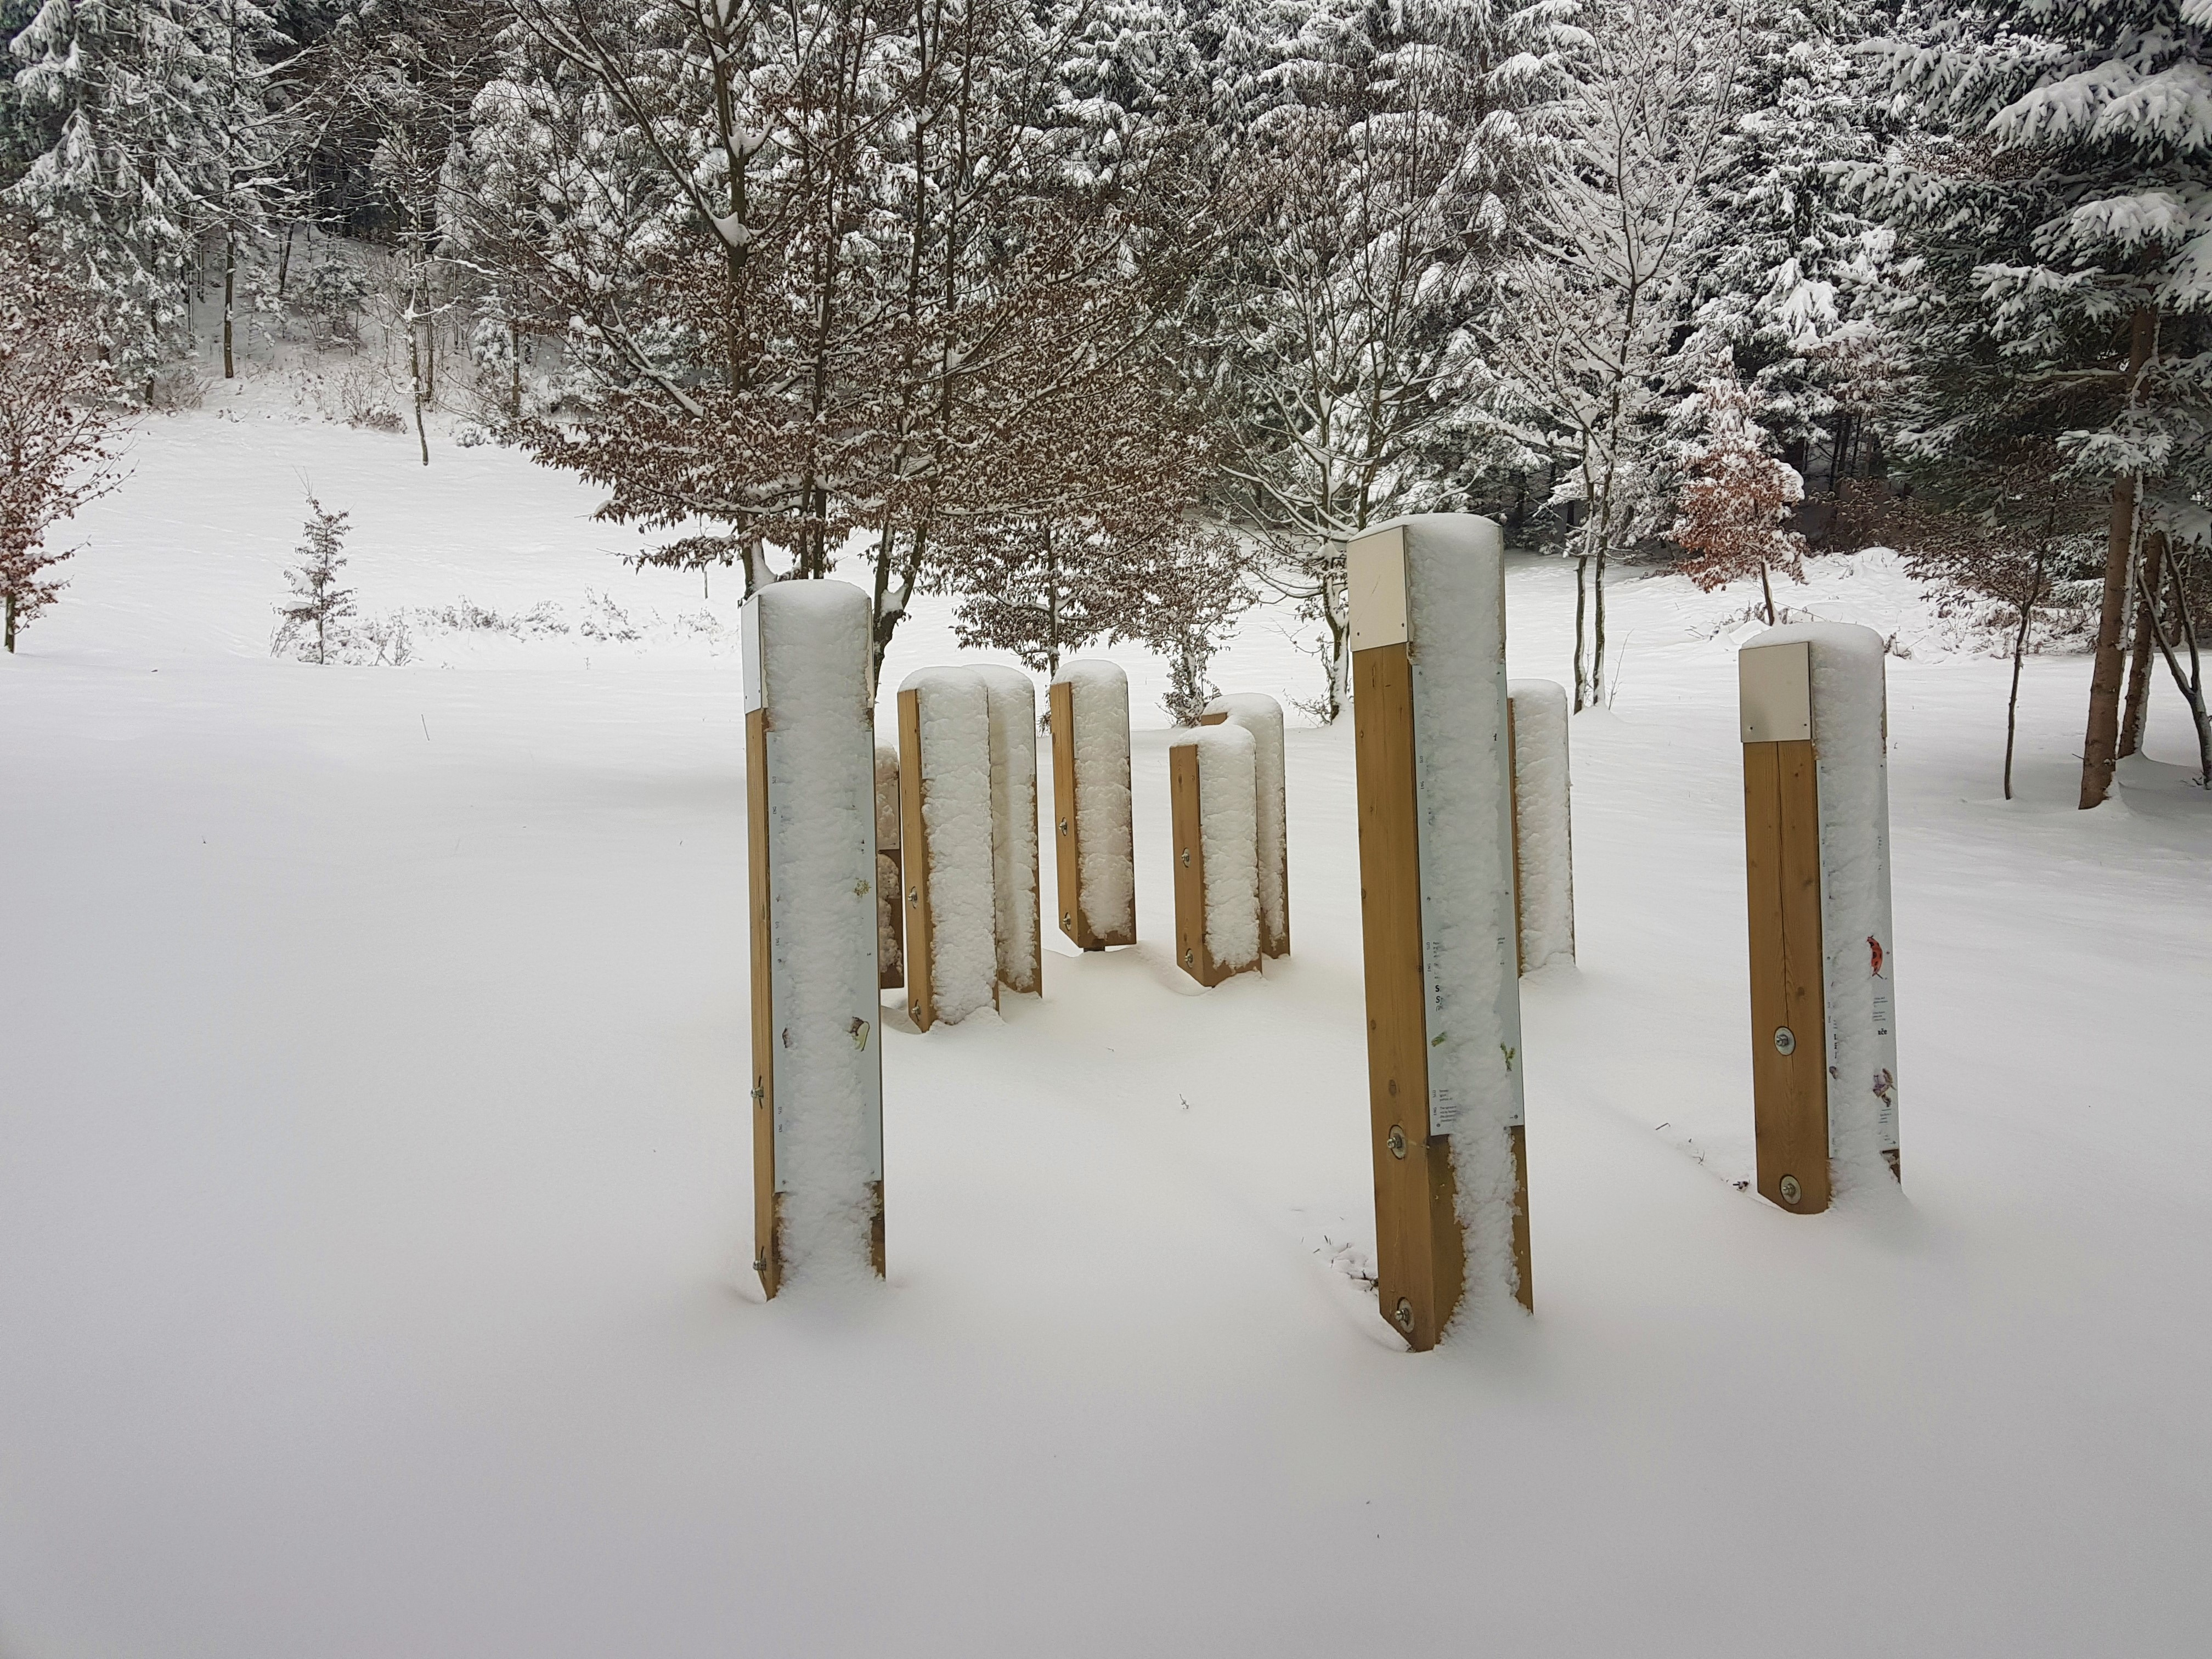 V Pocinovem lazu naletite na krog invazivnih in avtohtonih vrst v Notranjskem parku.